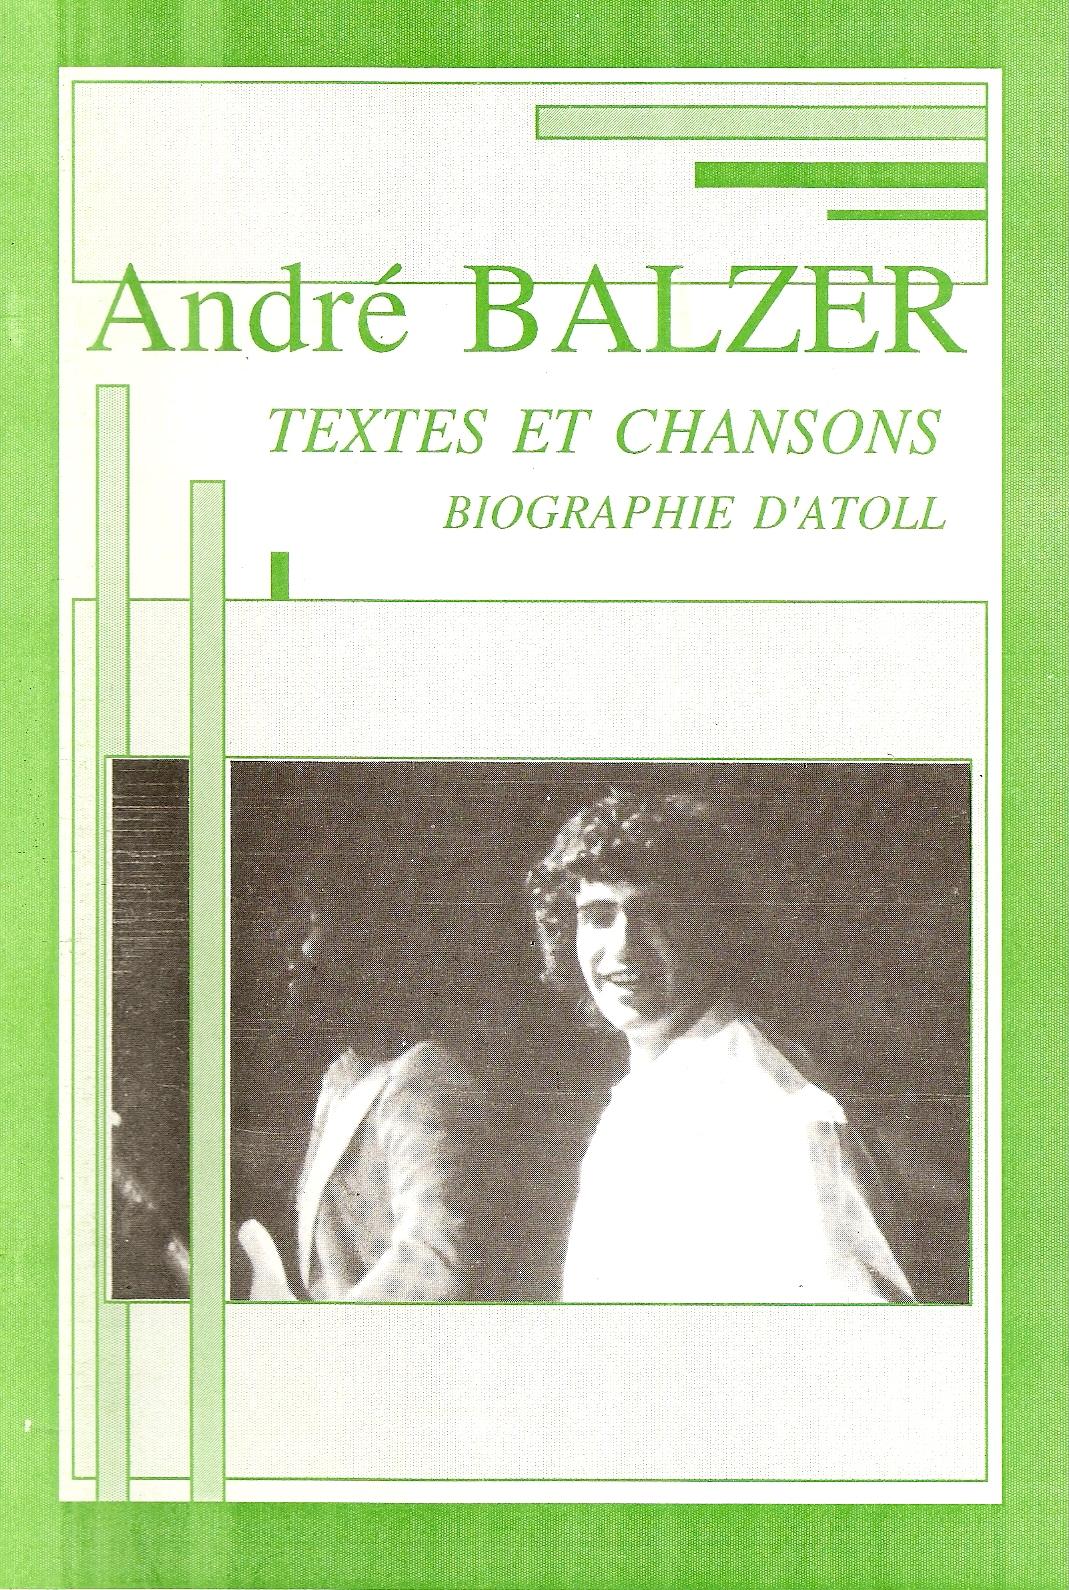 ANDRÉ BALZER - Textes Et Chansons - Biographie D'Atoll - Livre